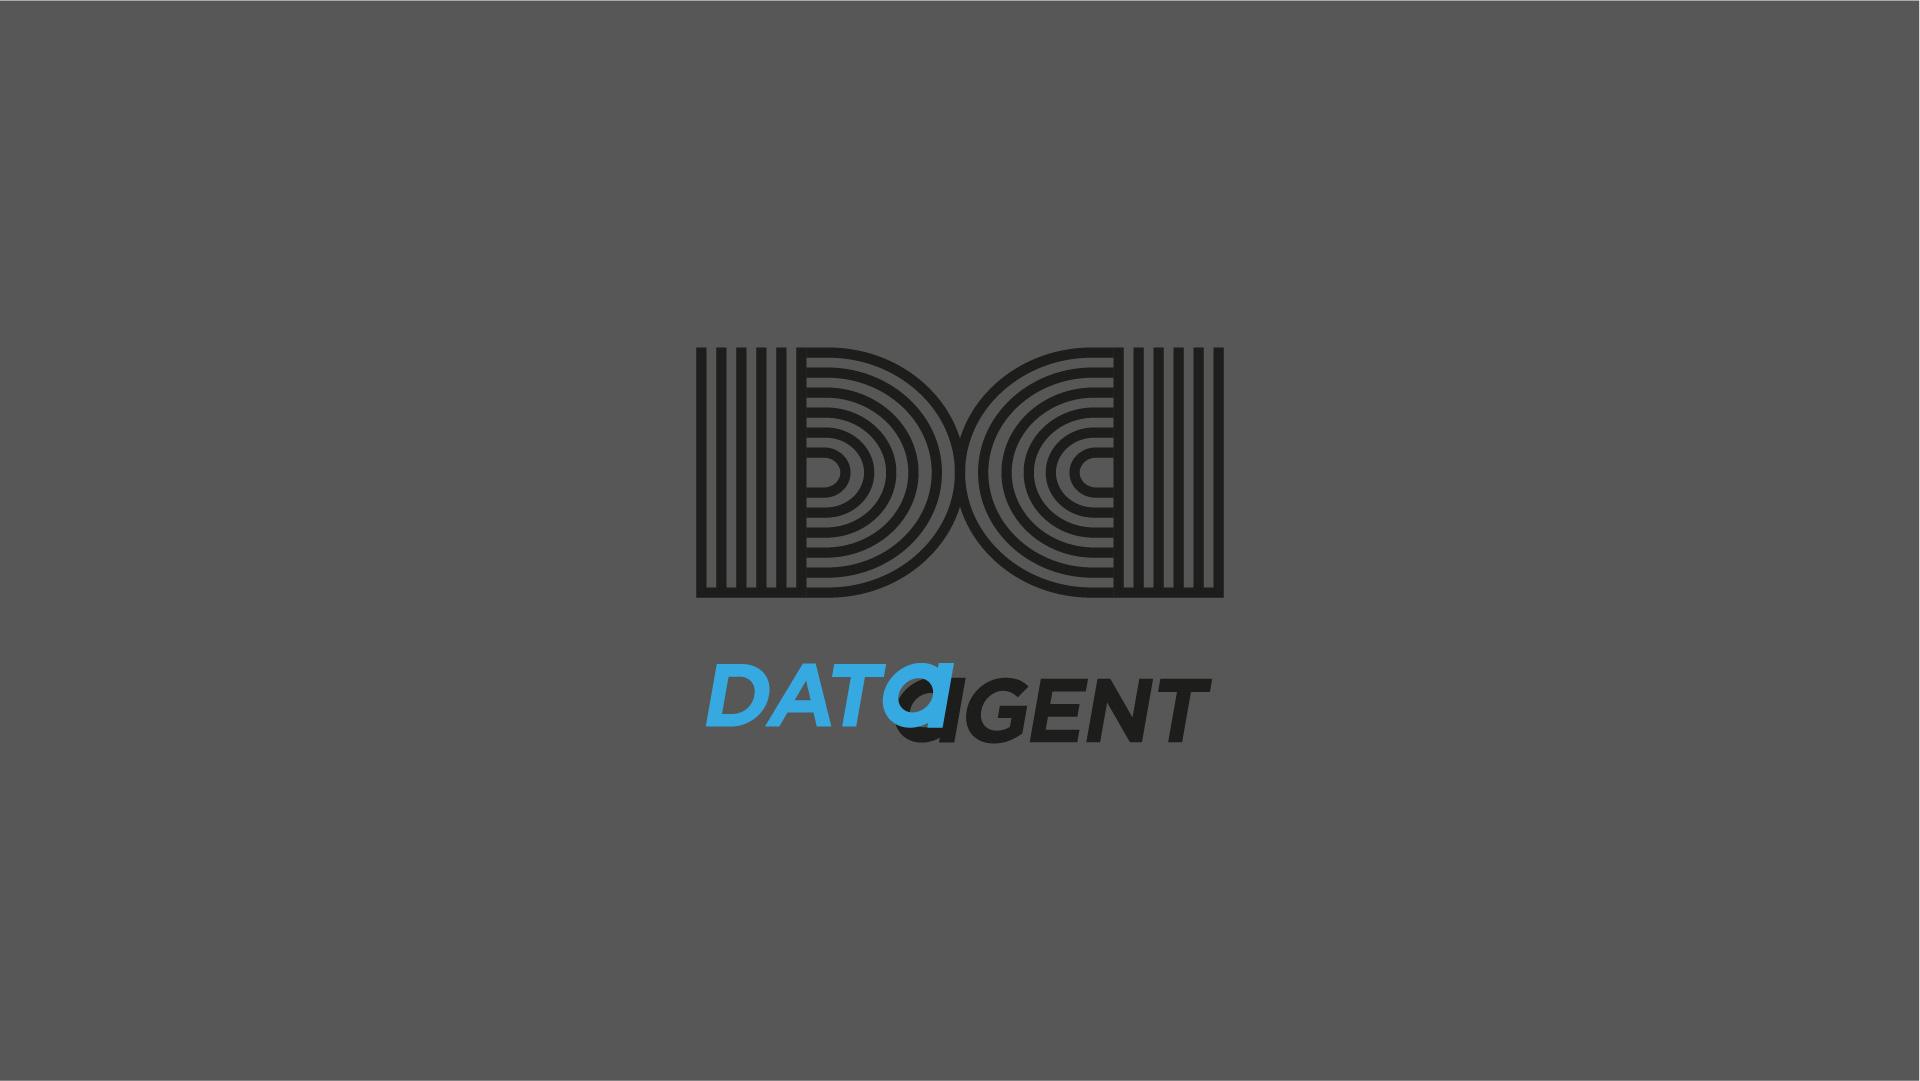 DAFingerprint_V2-08.jpg